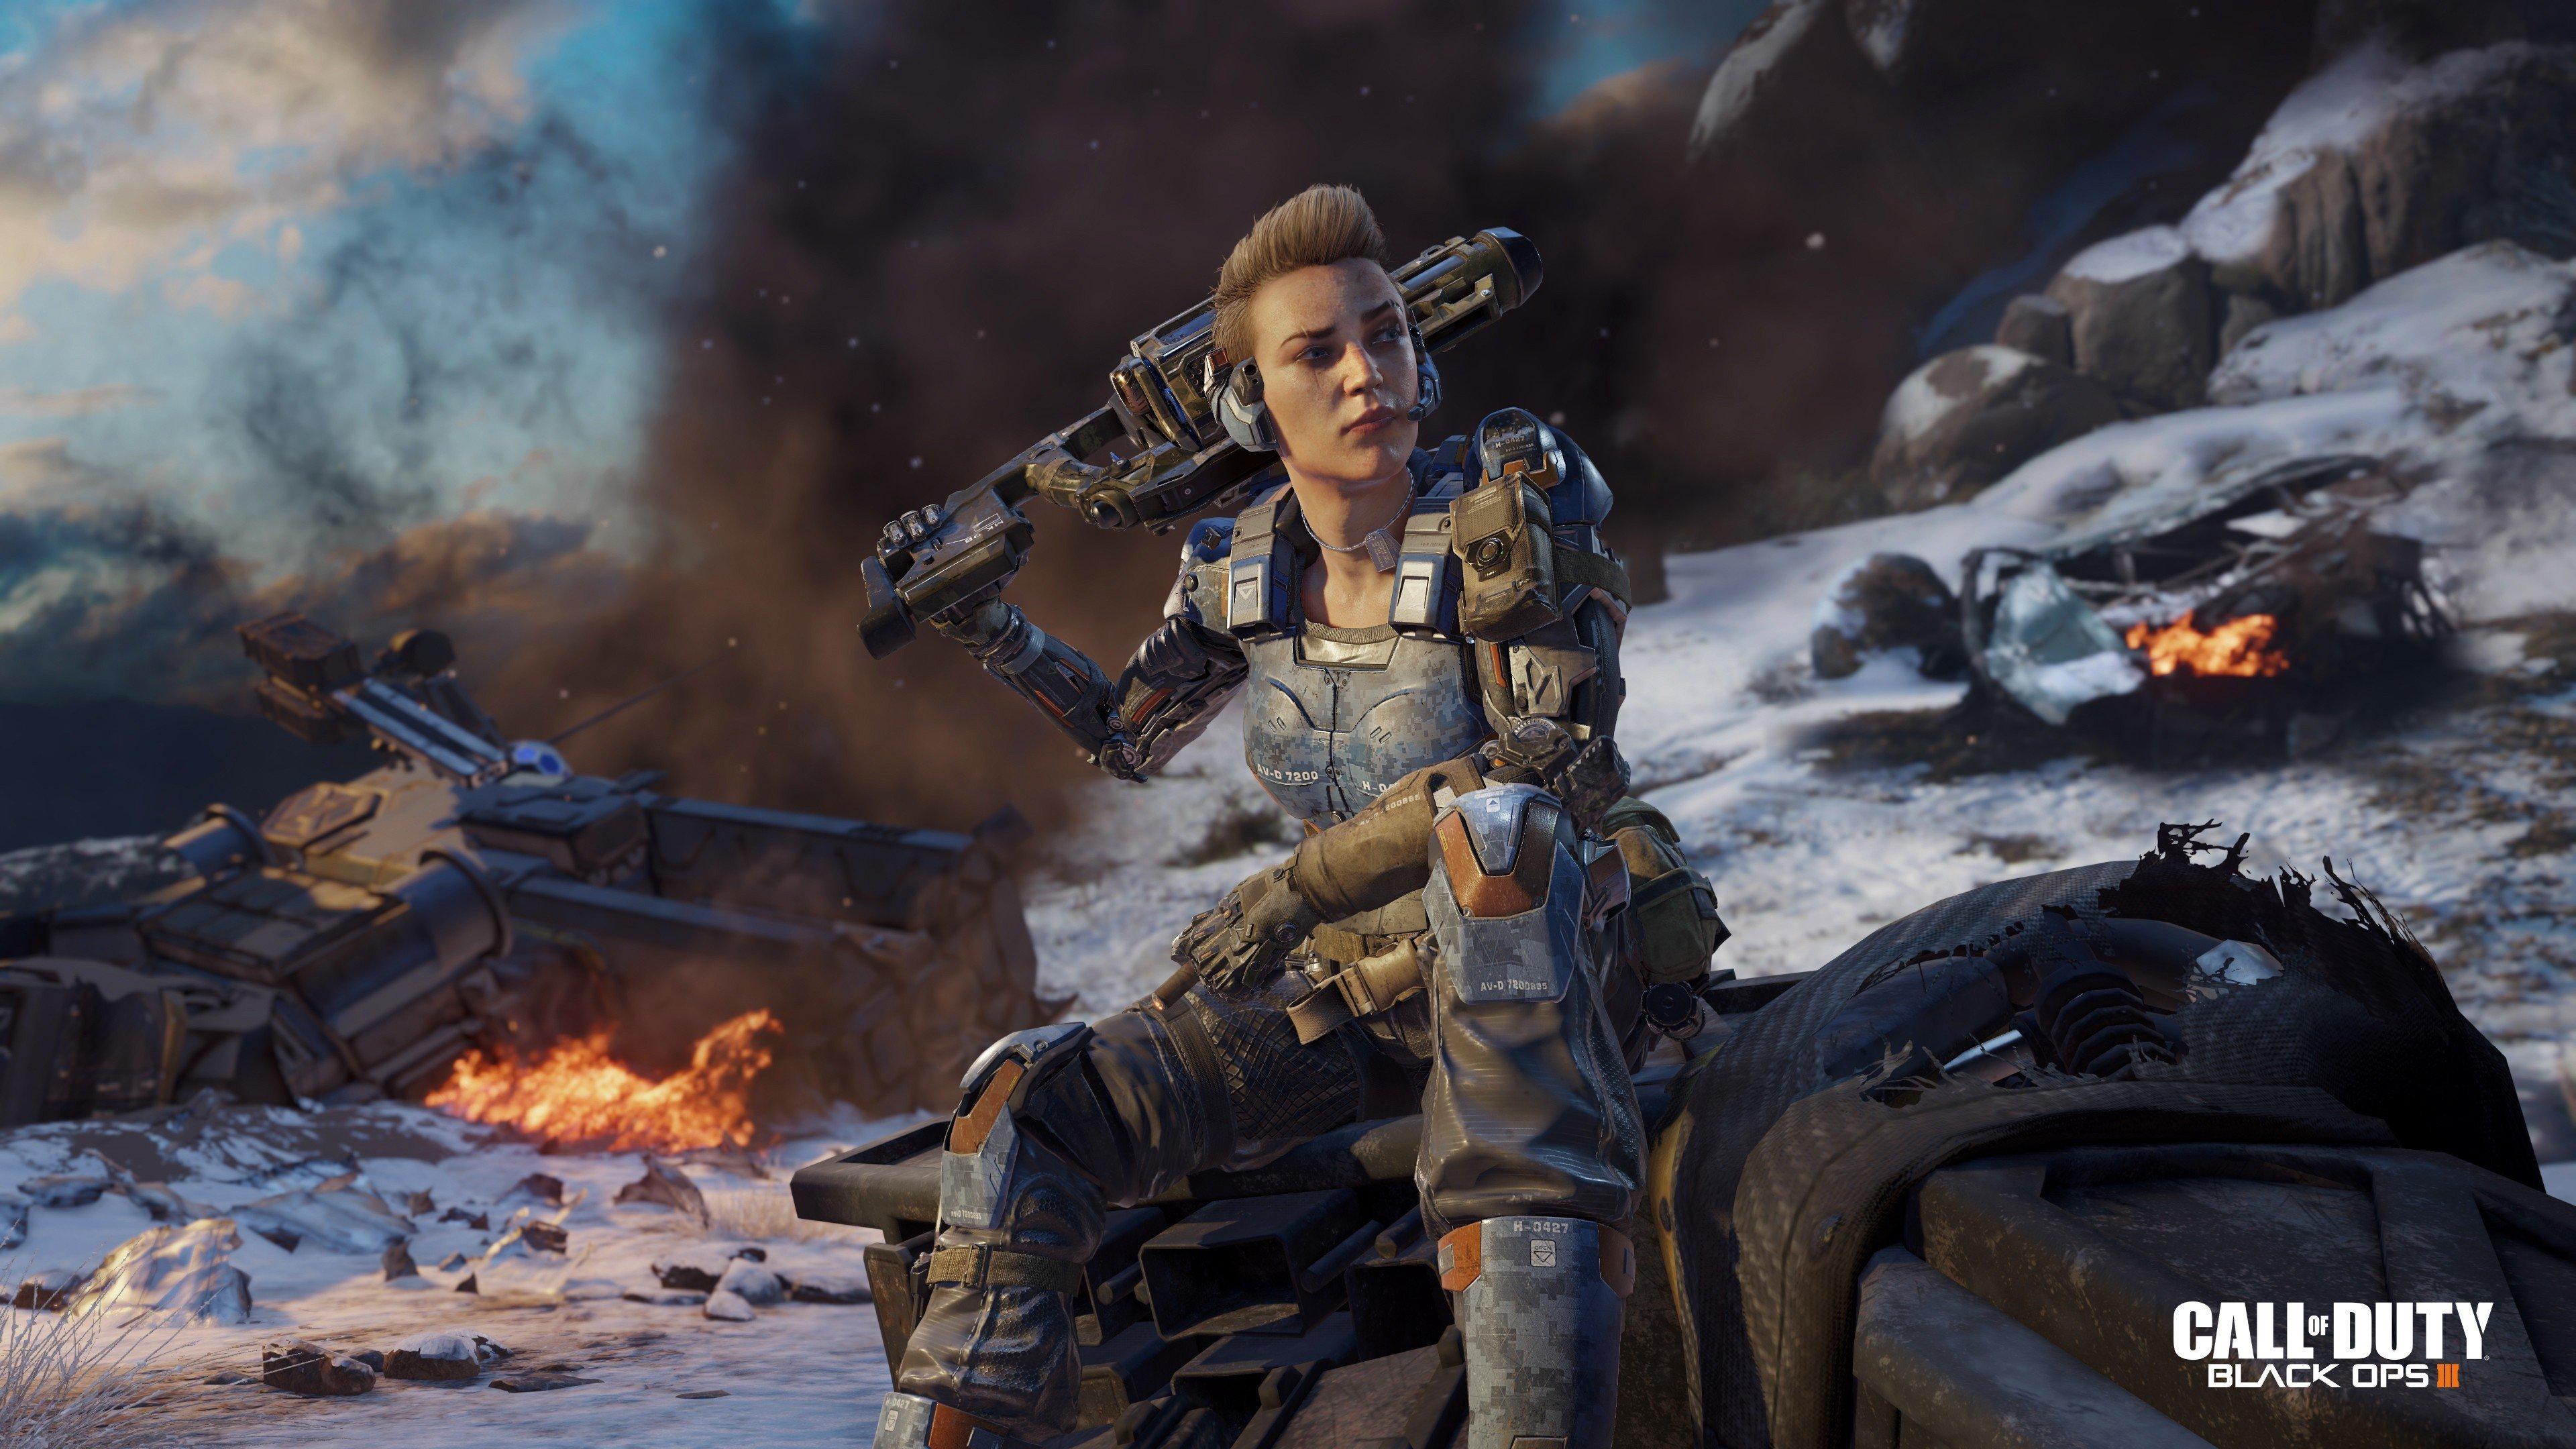 Wallpaper 3840x2160 Px Black Ops 3 Spezialisten Bo3 Call Of Duty Black Ops Iii 3840x2160 Goodfon Hd Wallpapers Wallhere